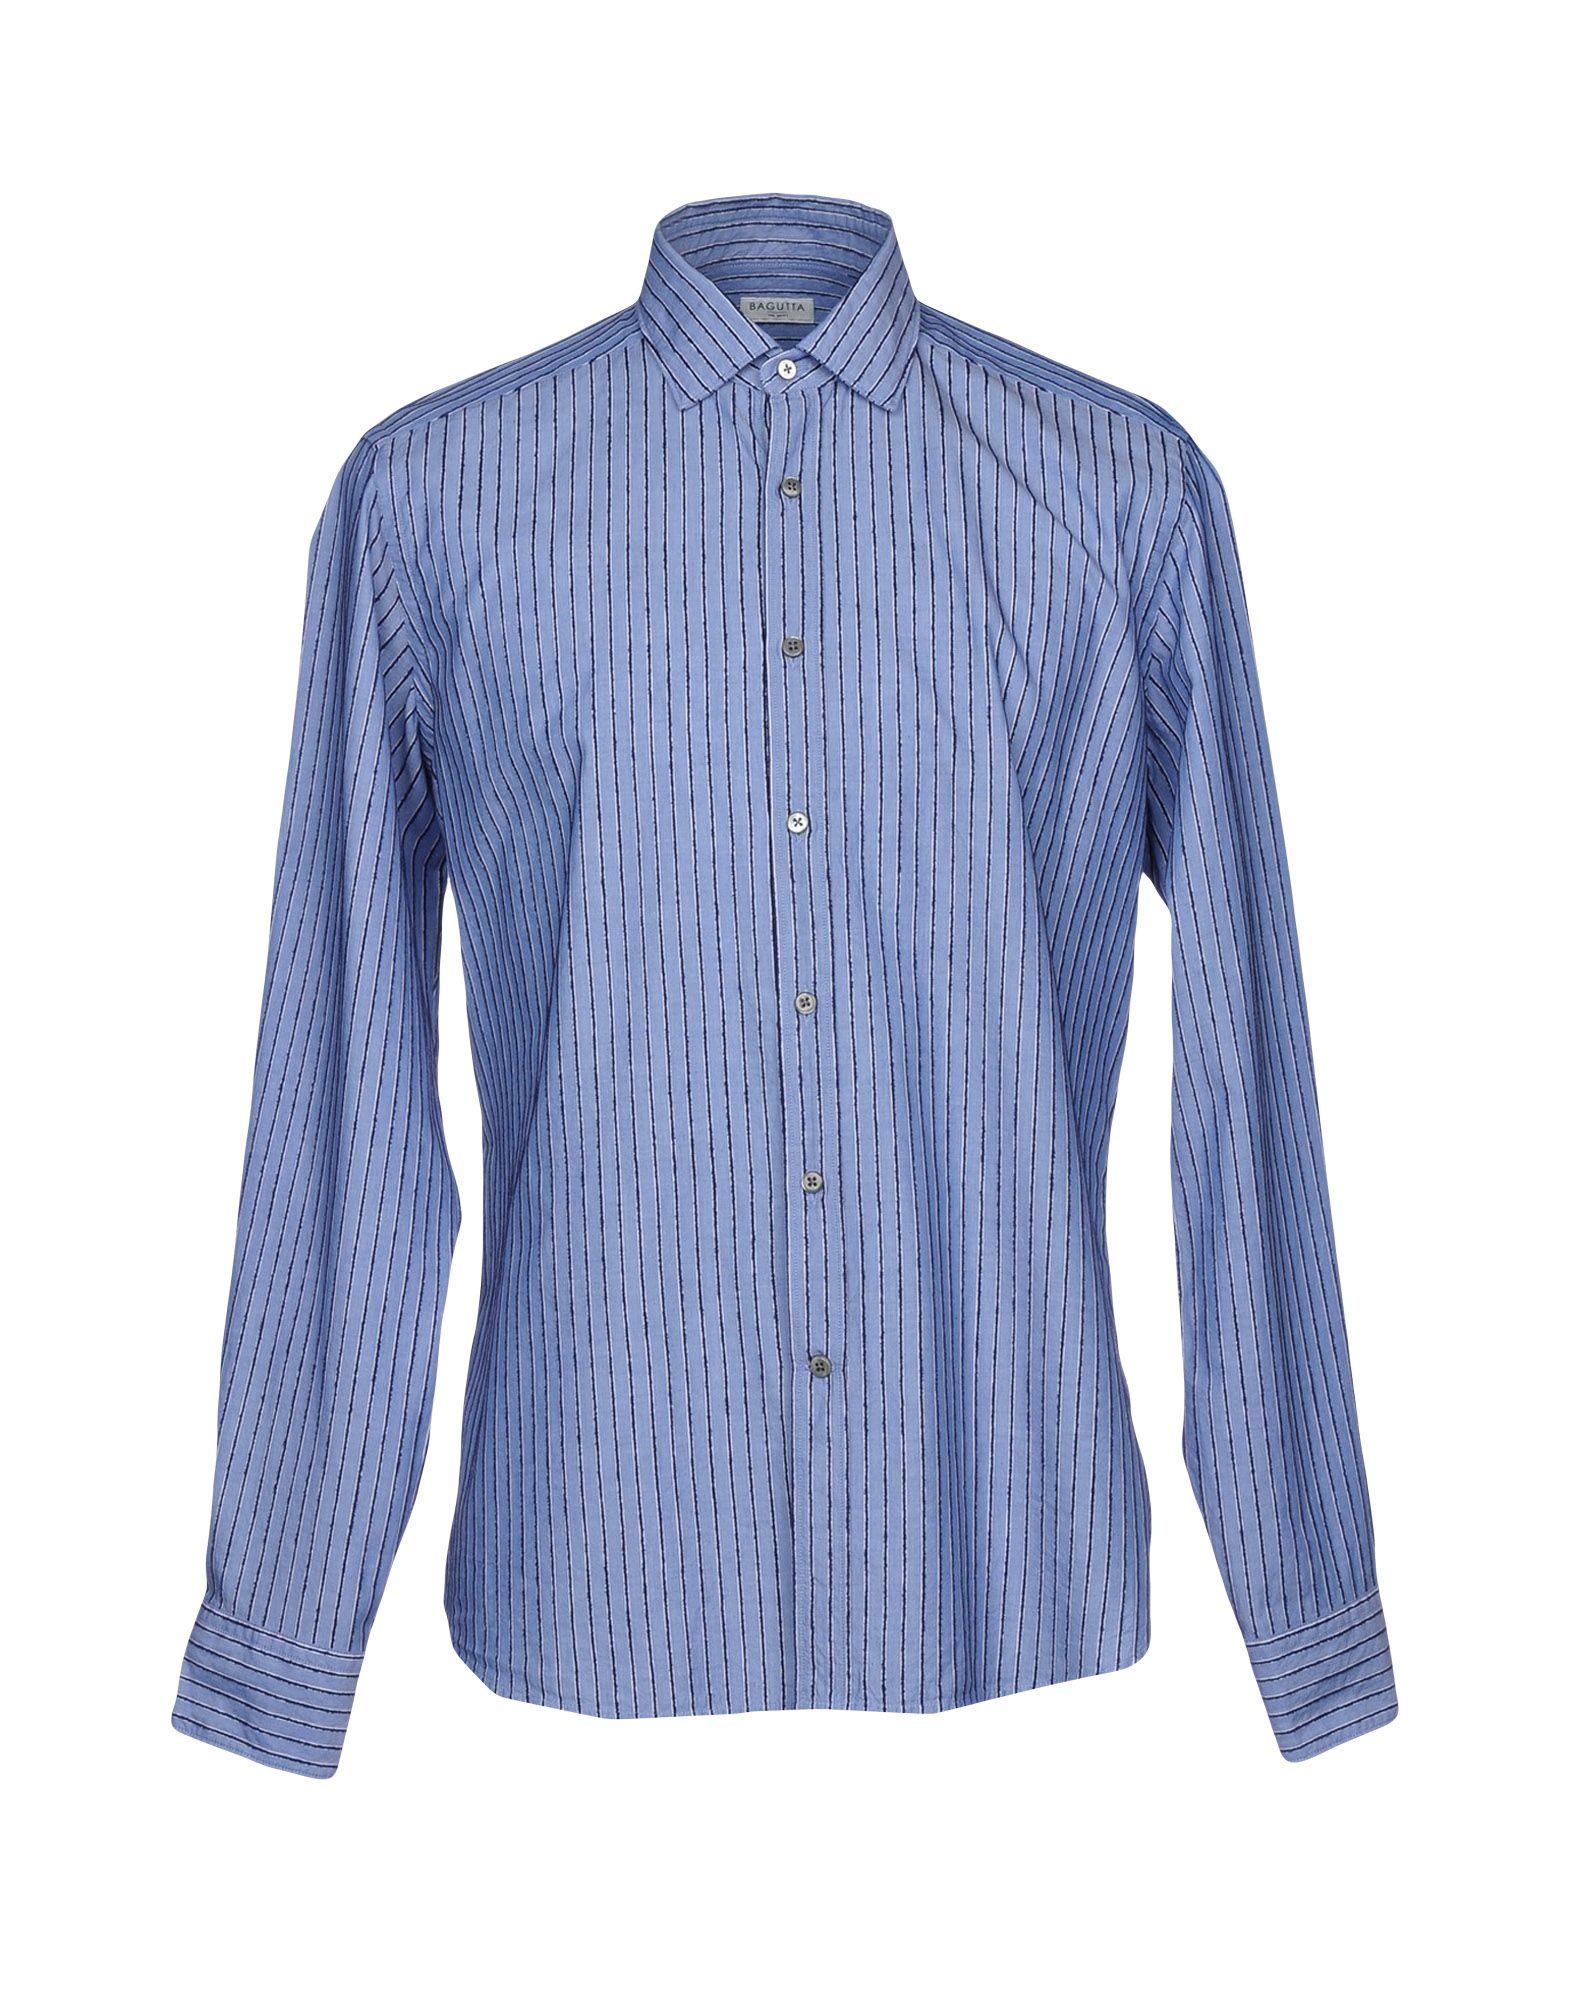 《送料無料》BAGUTTA メンズ シャツ アジュールブルー S コットン 100%